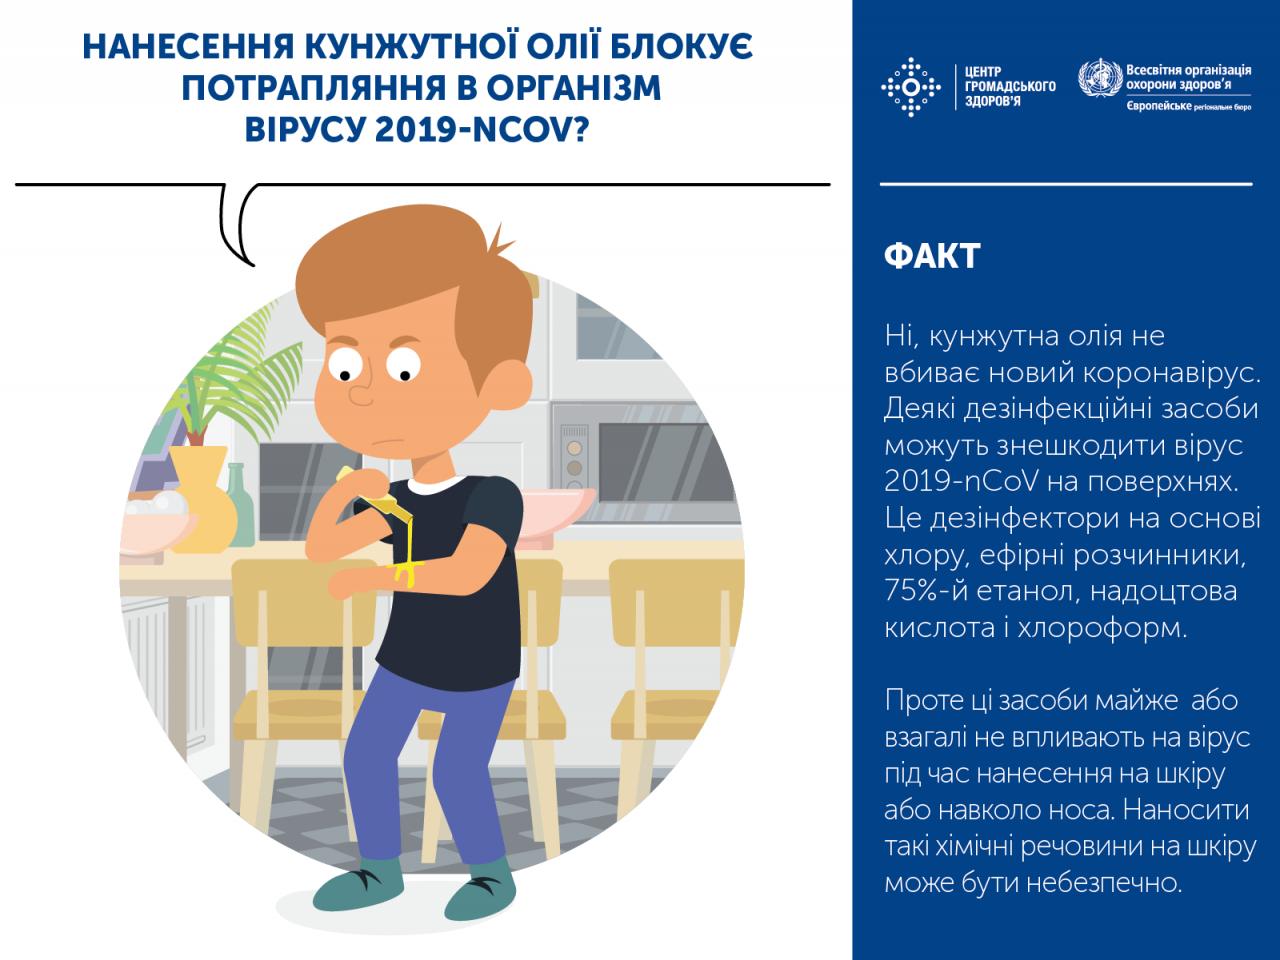 http://dunrada.gov.ua/uploadfile/archive_news/2020/03/16/2020-03-16_803/images/images-64342.png